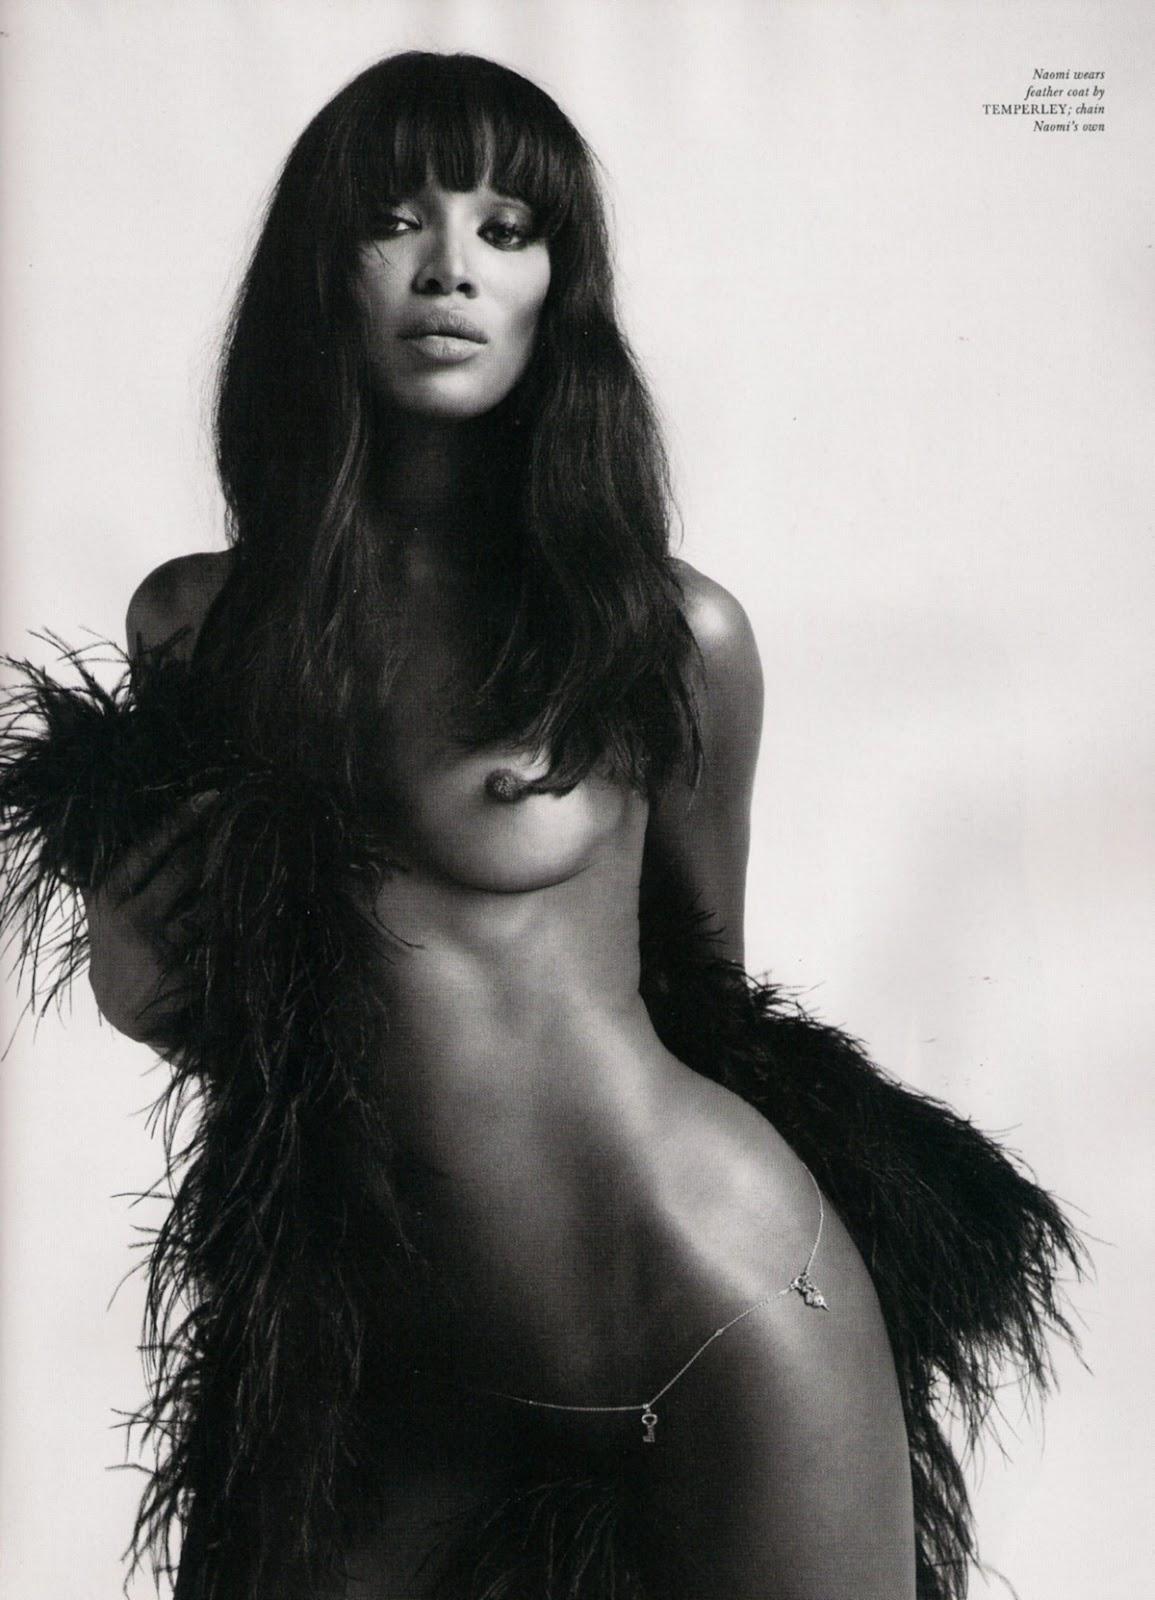 http://2.bp.blogspot.com/-VvMtozXf0Rw/UE9UBSkdTDI/AAAAAAAAEkY/q-cjudovI-c/s1600/love-naomi-campbell-nude-03.jpg